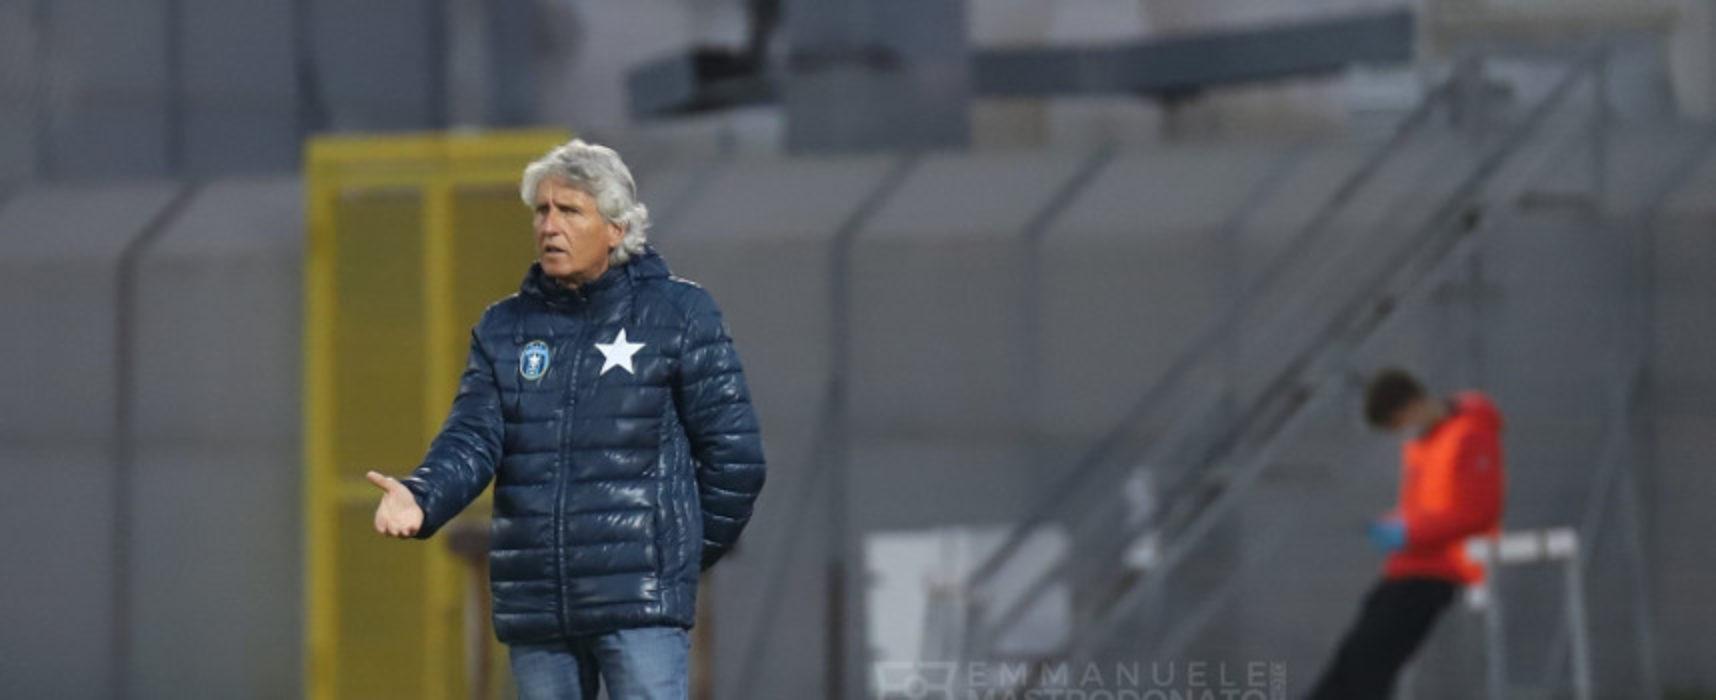 """Bisceglie Calcio, mister Papagni """"In questo campionato, possiamo fare meglio con tutti ma dipende da noi"""""""